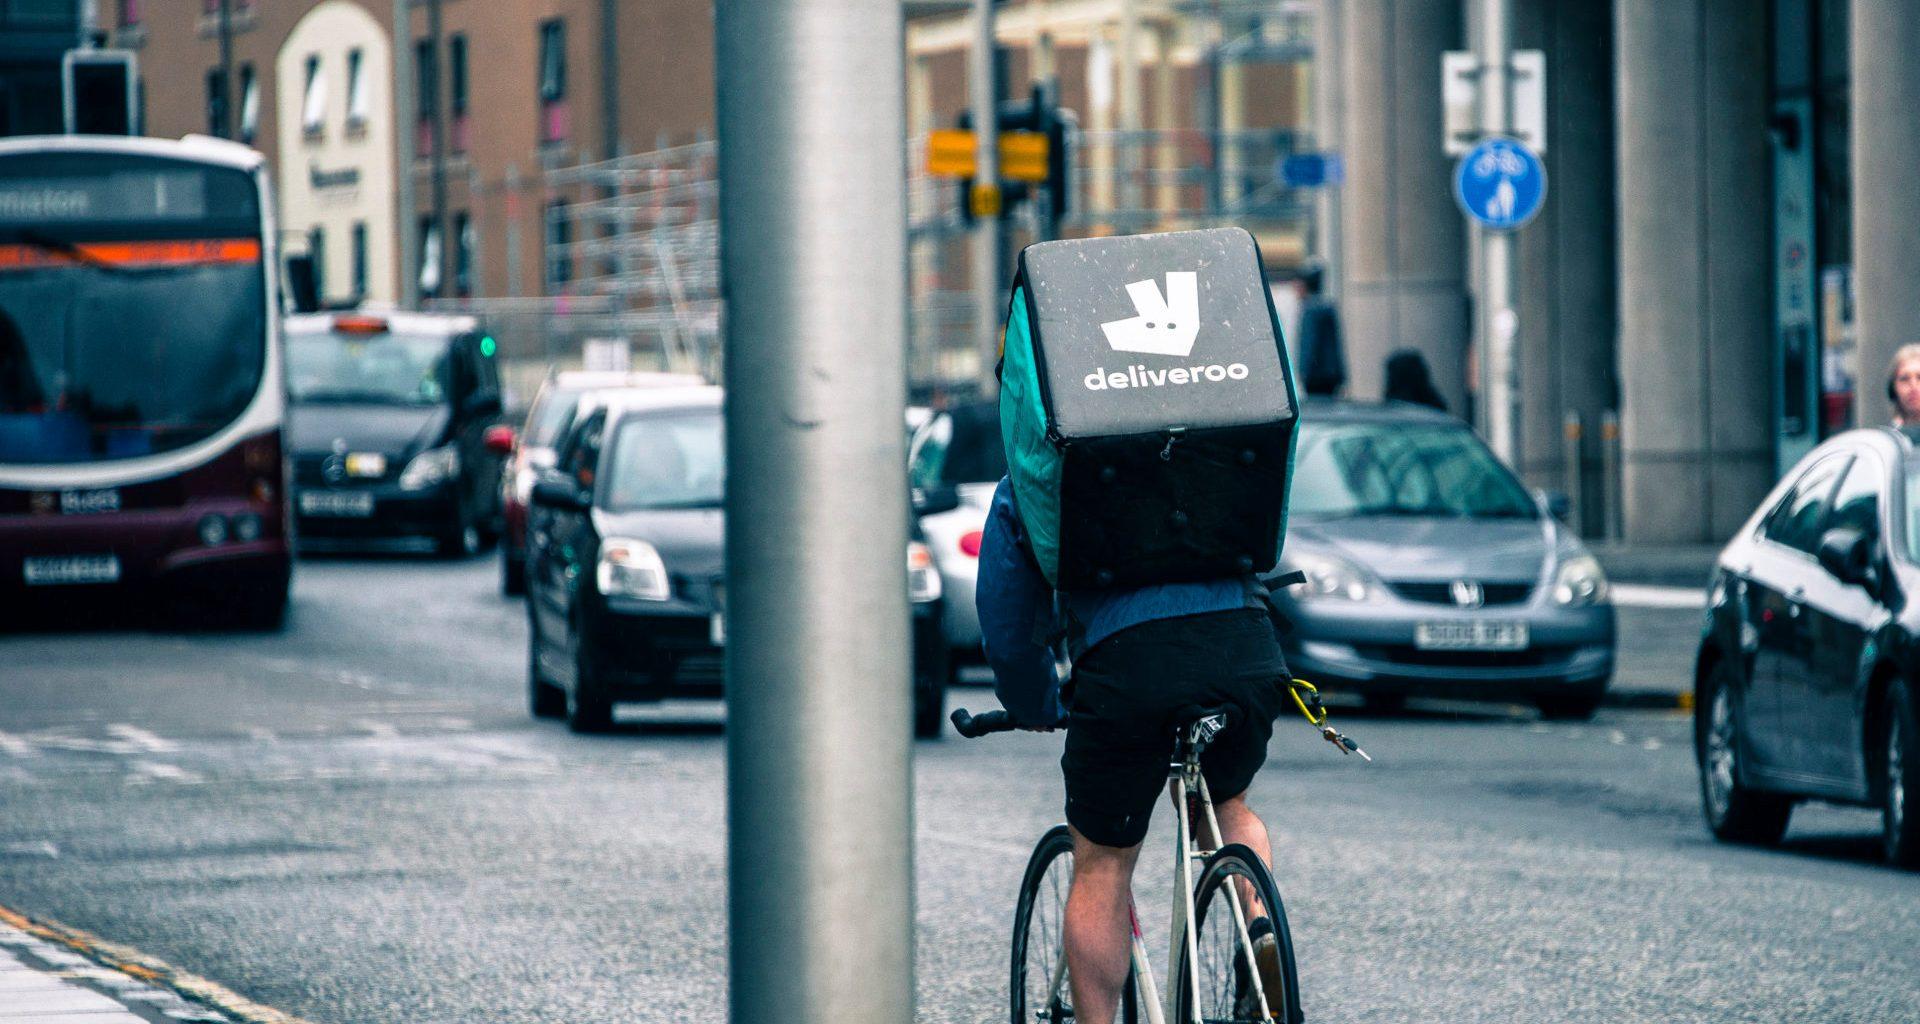 Deliveroo deliivery worker in Edinburgh